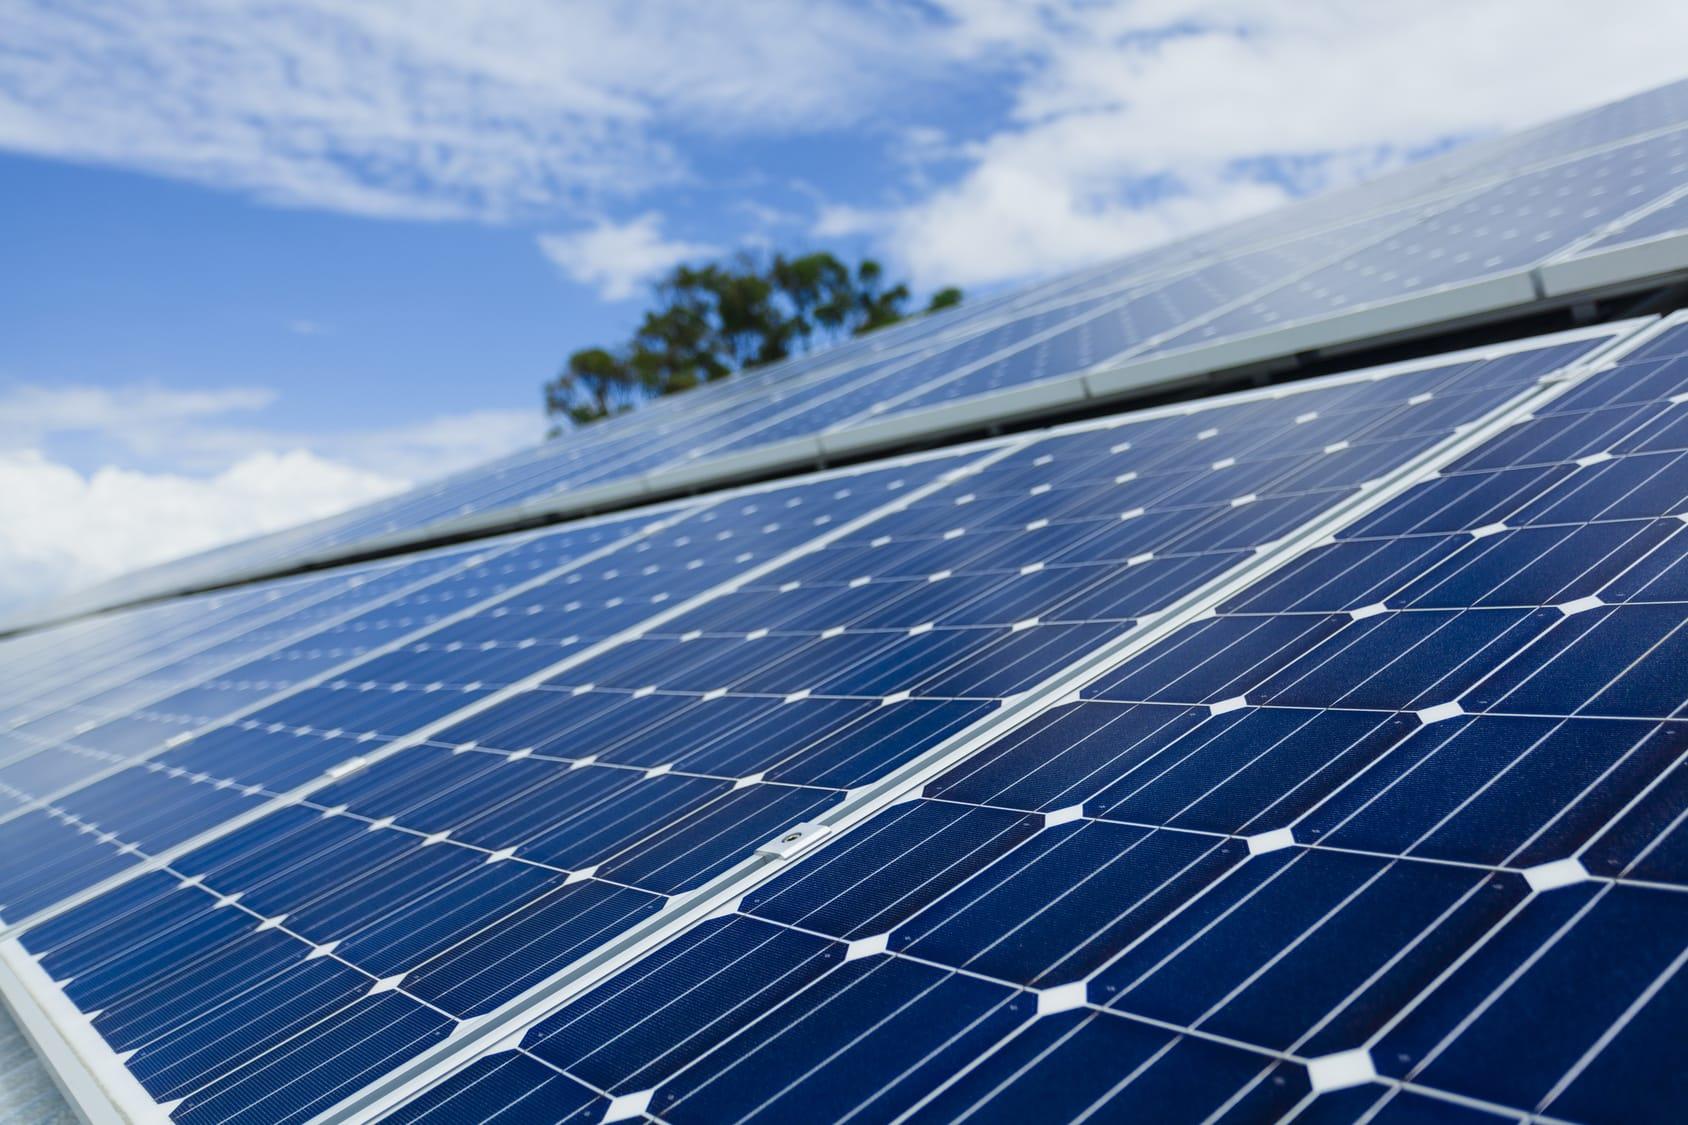 nouveaux panneaux photovoltaiques energies naturels. Black Bedroom Furniture Sets. Home Design Ideas